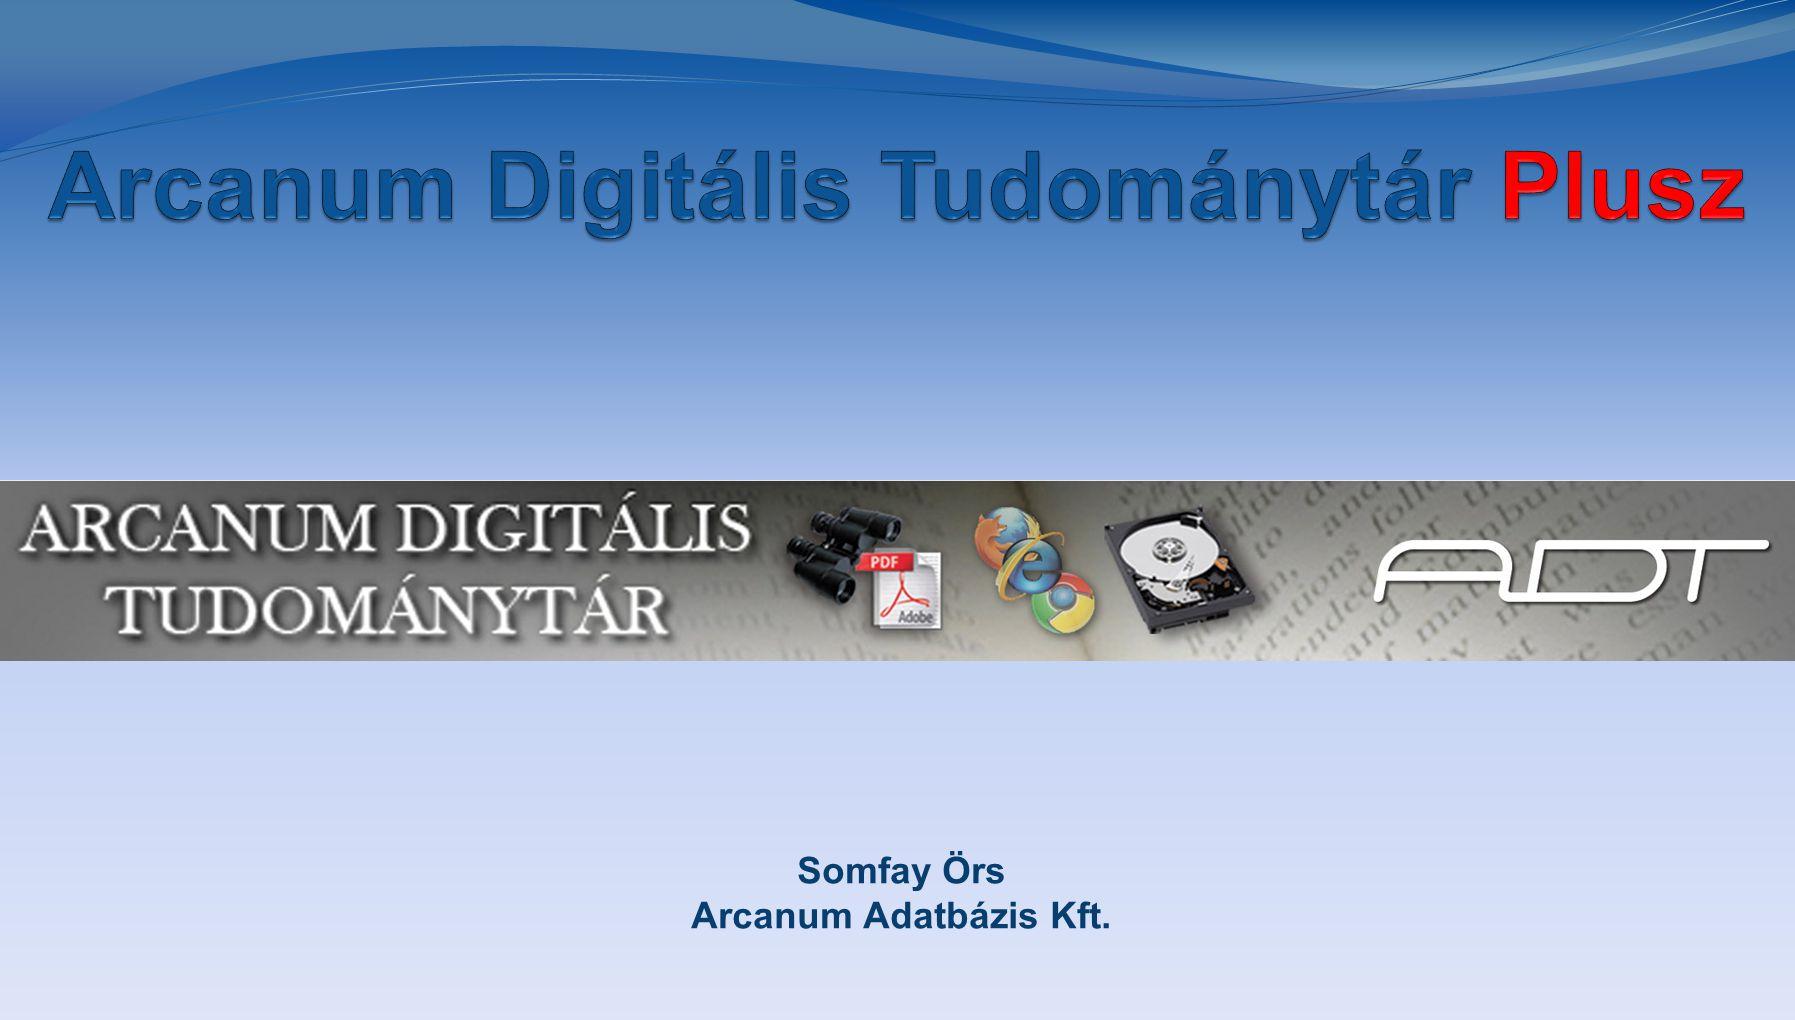 Somfay Örs Arcanum Adatbázis Kft.